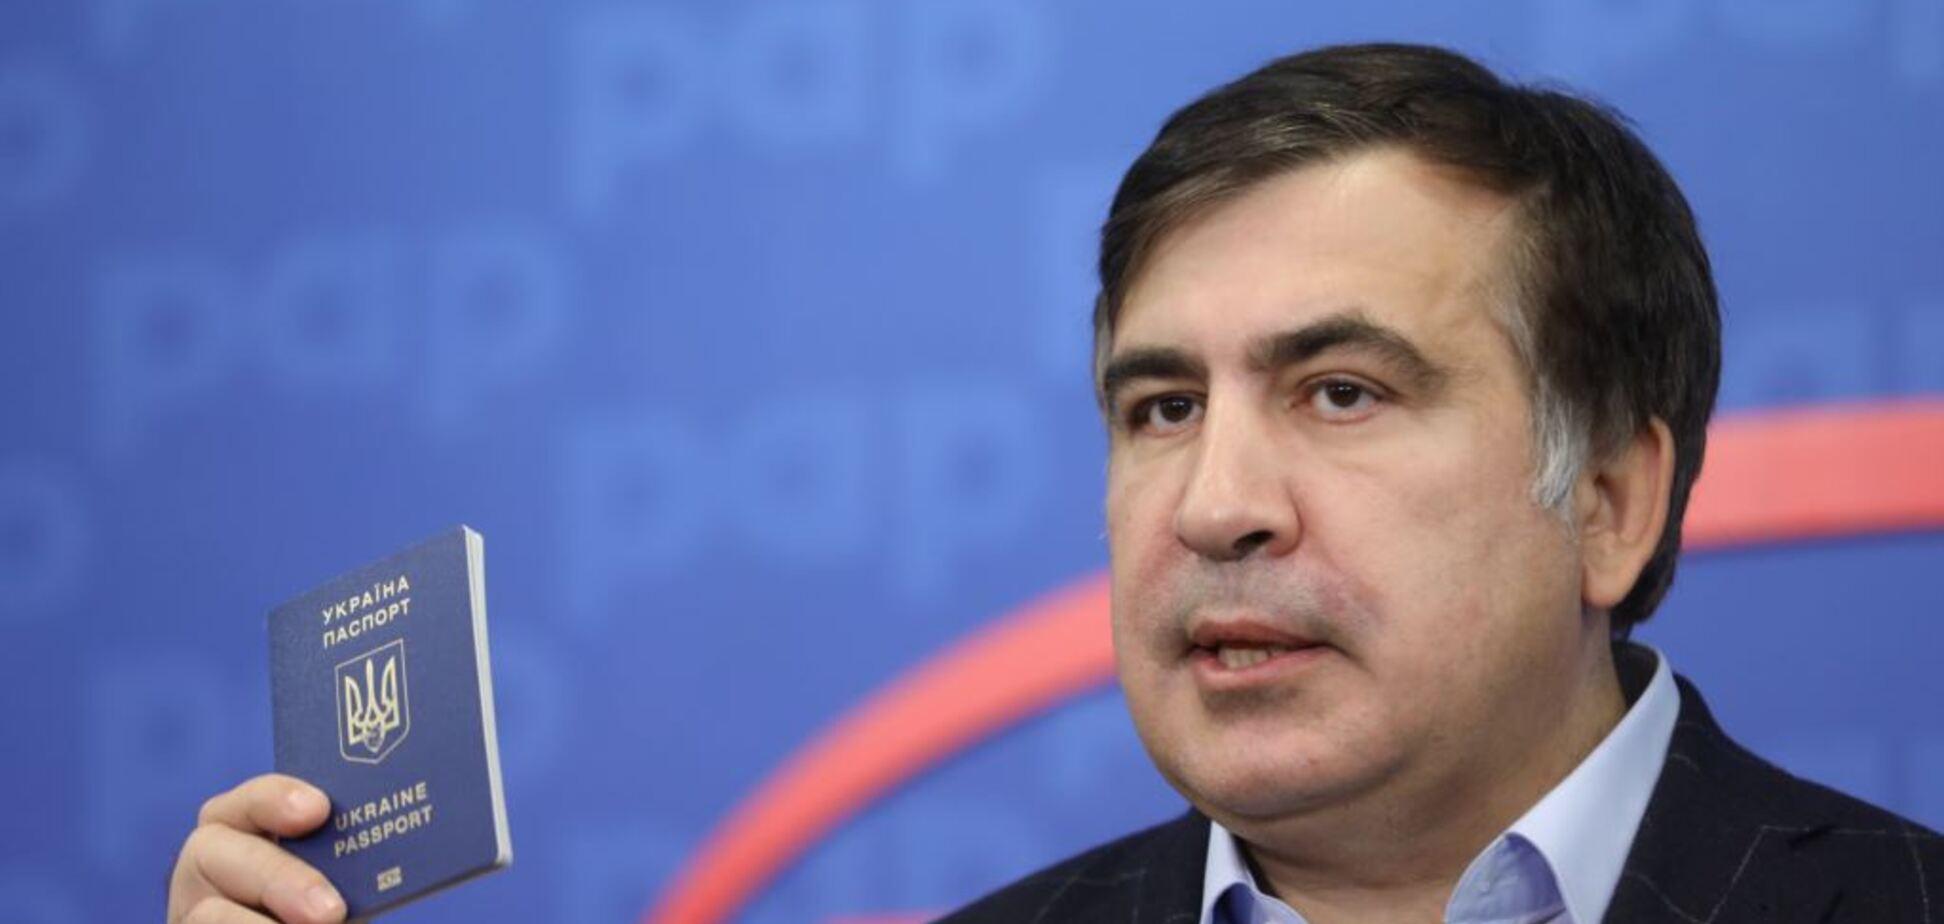 Обшуки Саакашвілі: ГПУ знайшла 'вкрадений' паспорт політика